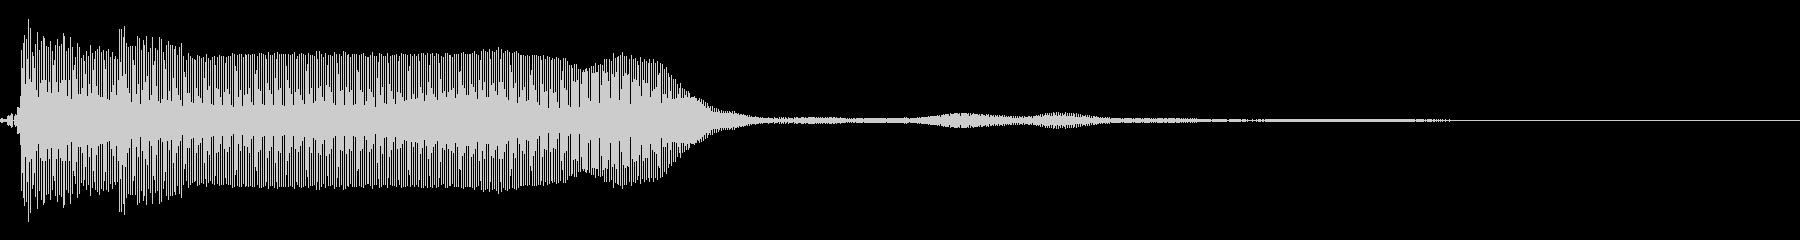 システム音10の未再生の波形